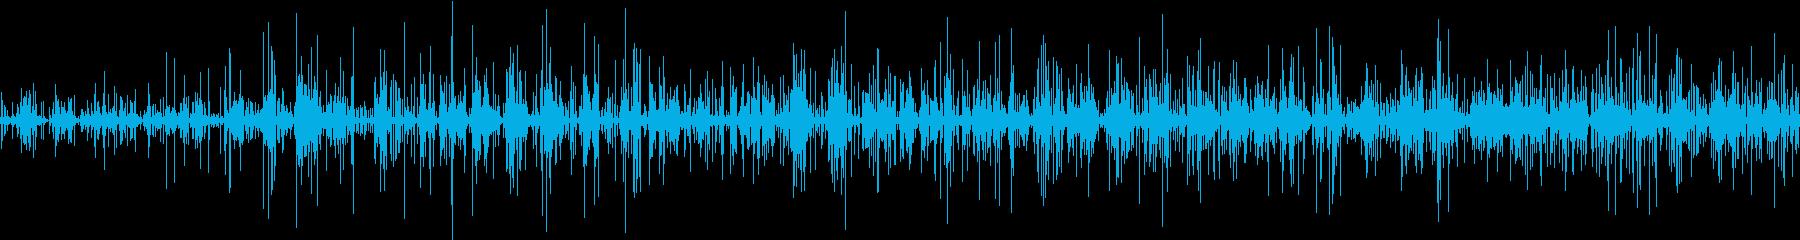 ピチョピチャ (少ない水流)の再生済みの波形